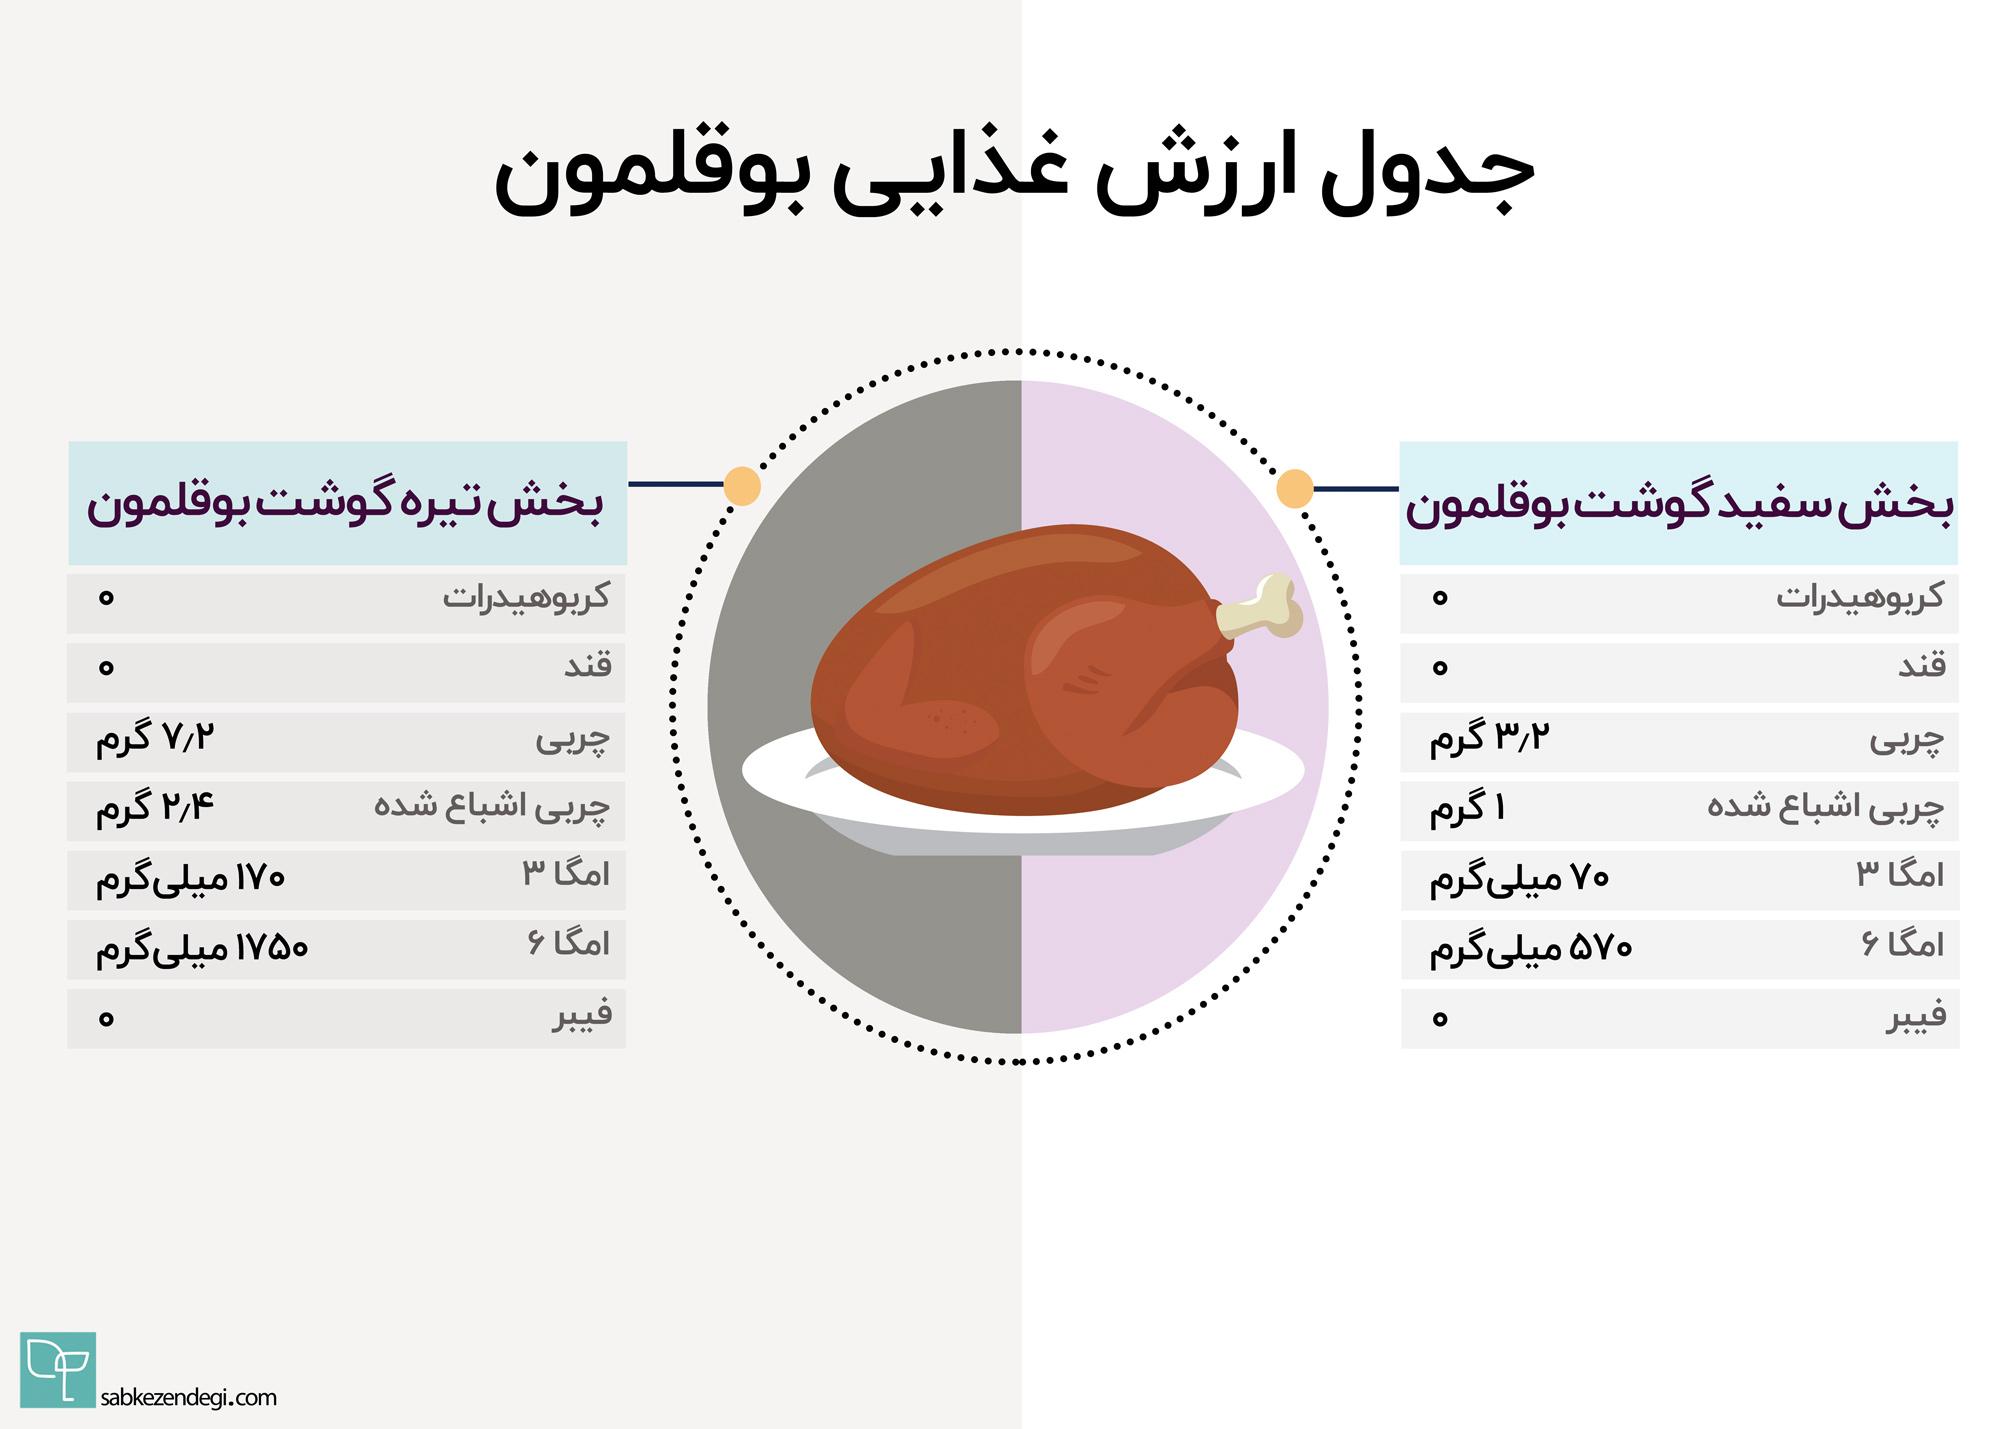 کالری گوشت بوقلمون چقدر